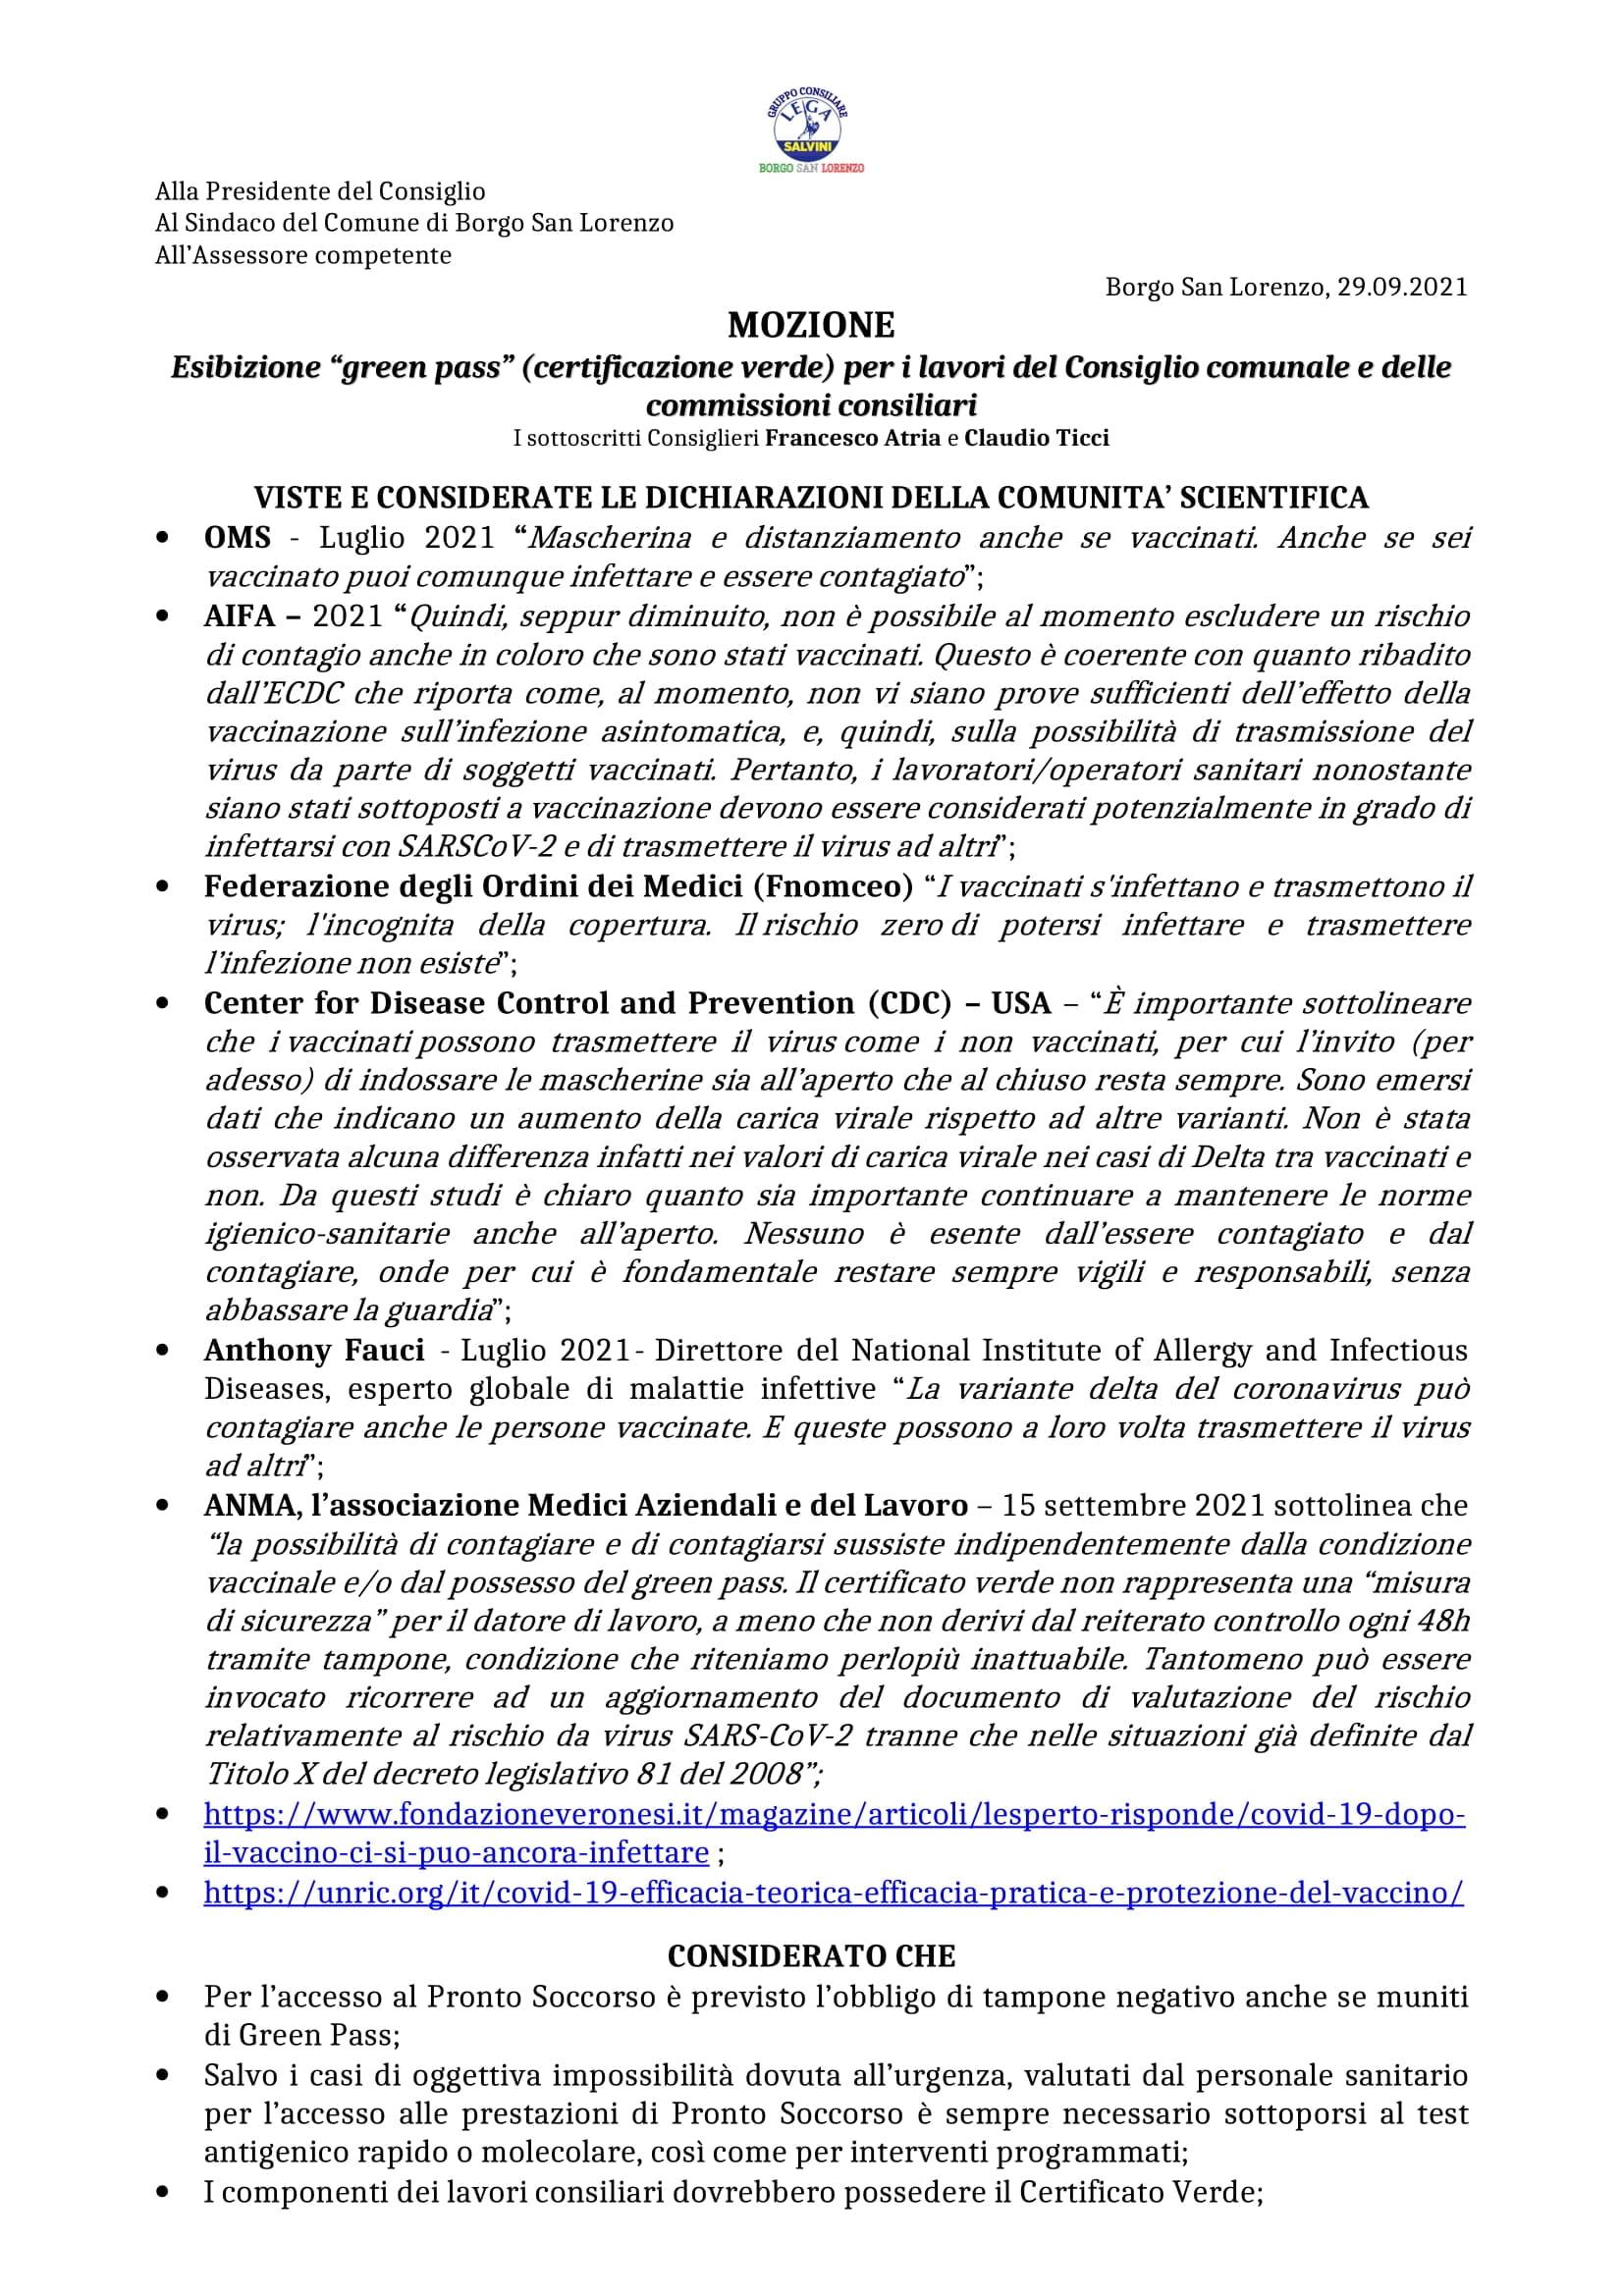 Mozione Atria e Ticci Esibizione Green Pass lavori consiliari sett.2021 (pag. 1)